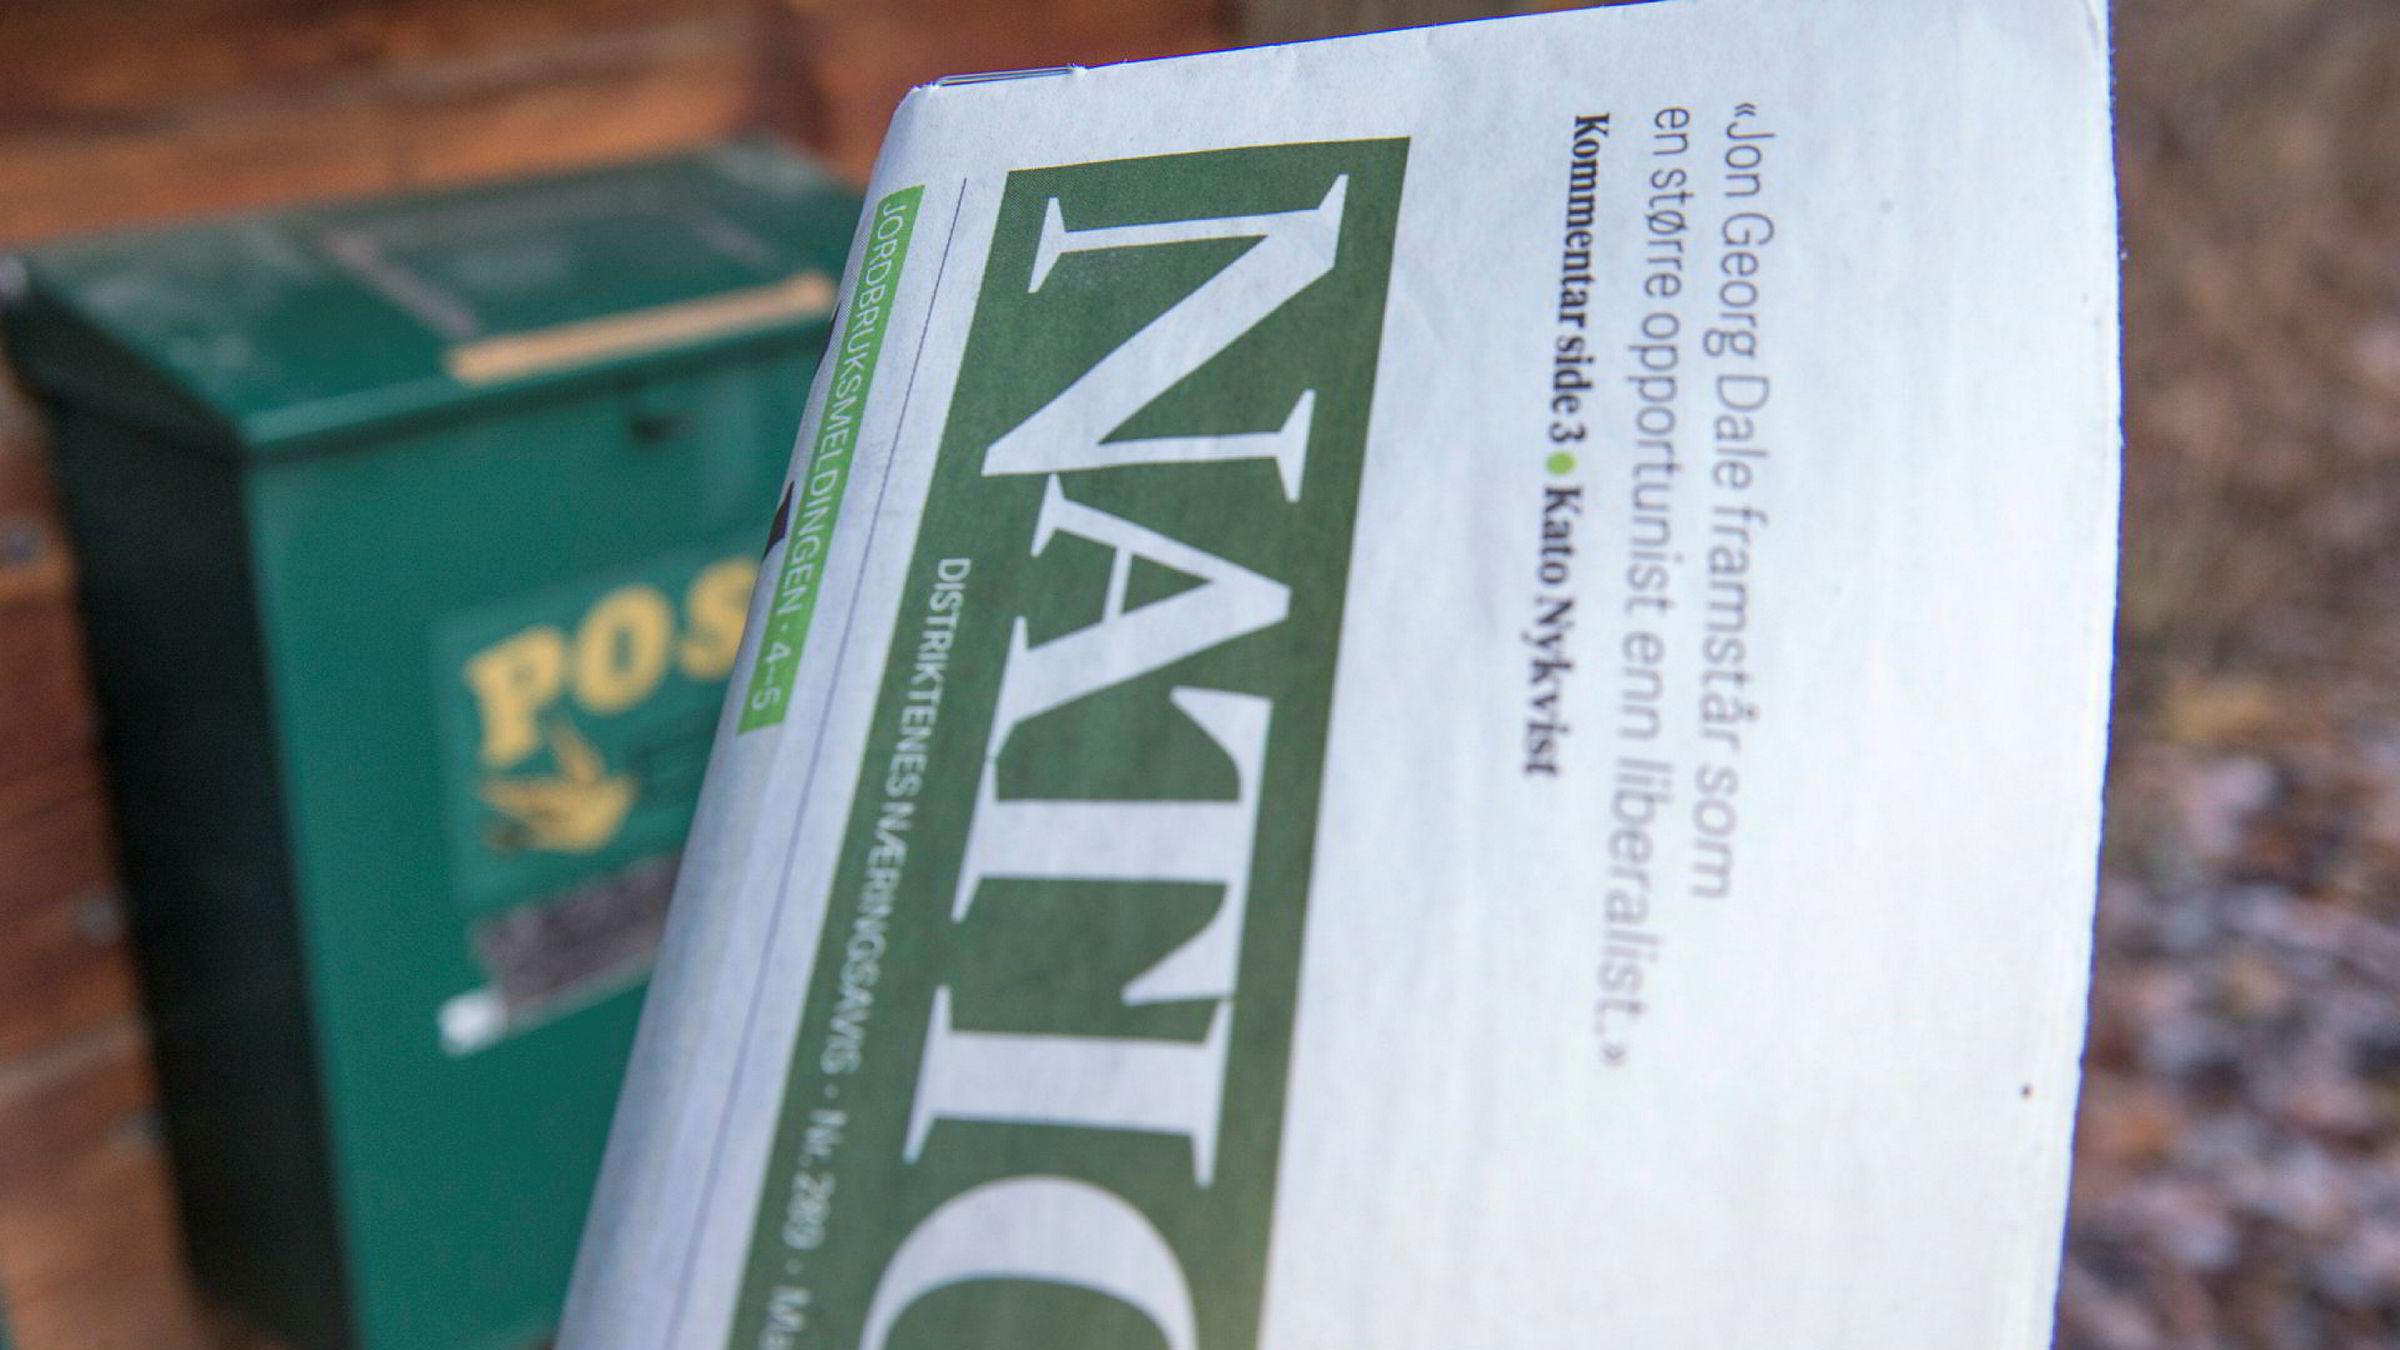 I dag har Posten plikt til å levere aviser i såkalte ulønnsomme områder, og leverer rundt 150.000 aviser daglig over hele landet.